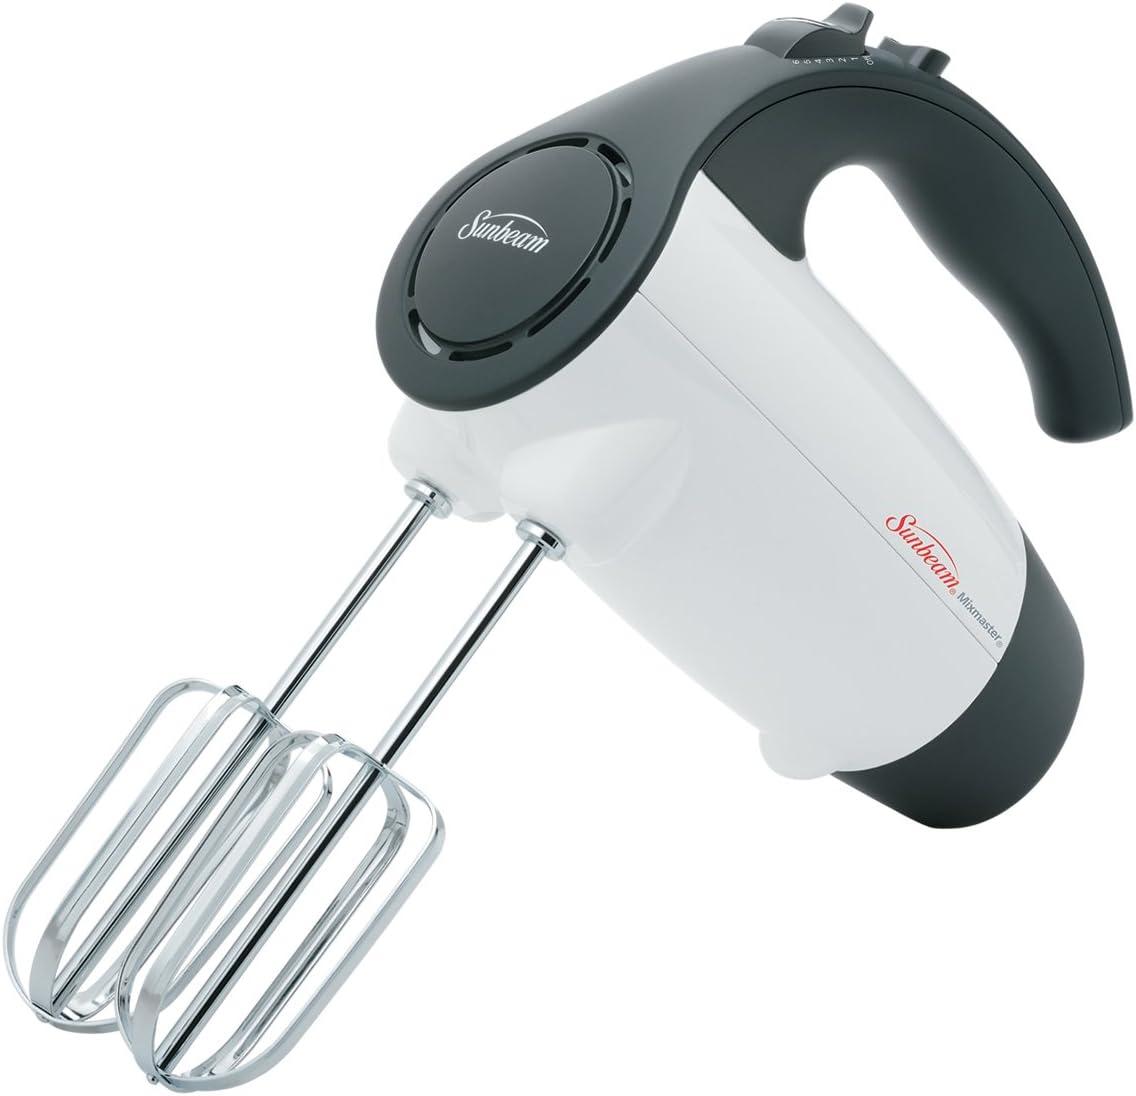 Sunbeam 2524 200-Watt 6-Speed Hand Mixer, White with Black Accents